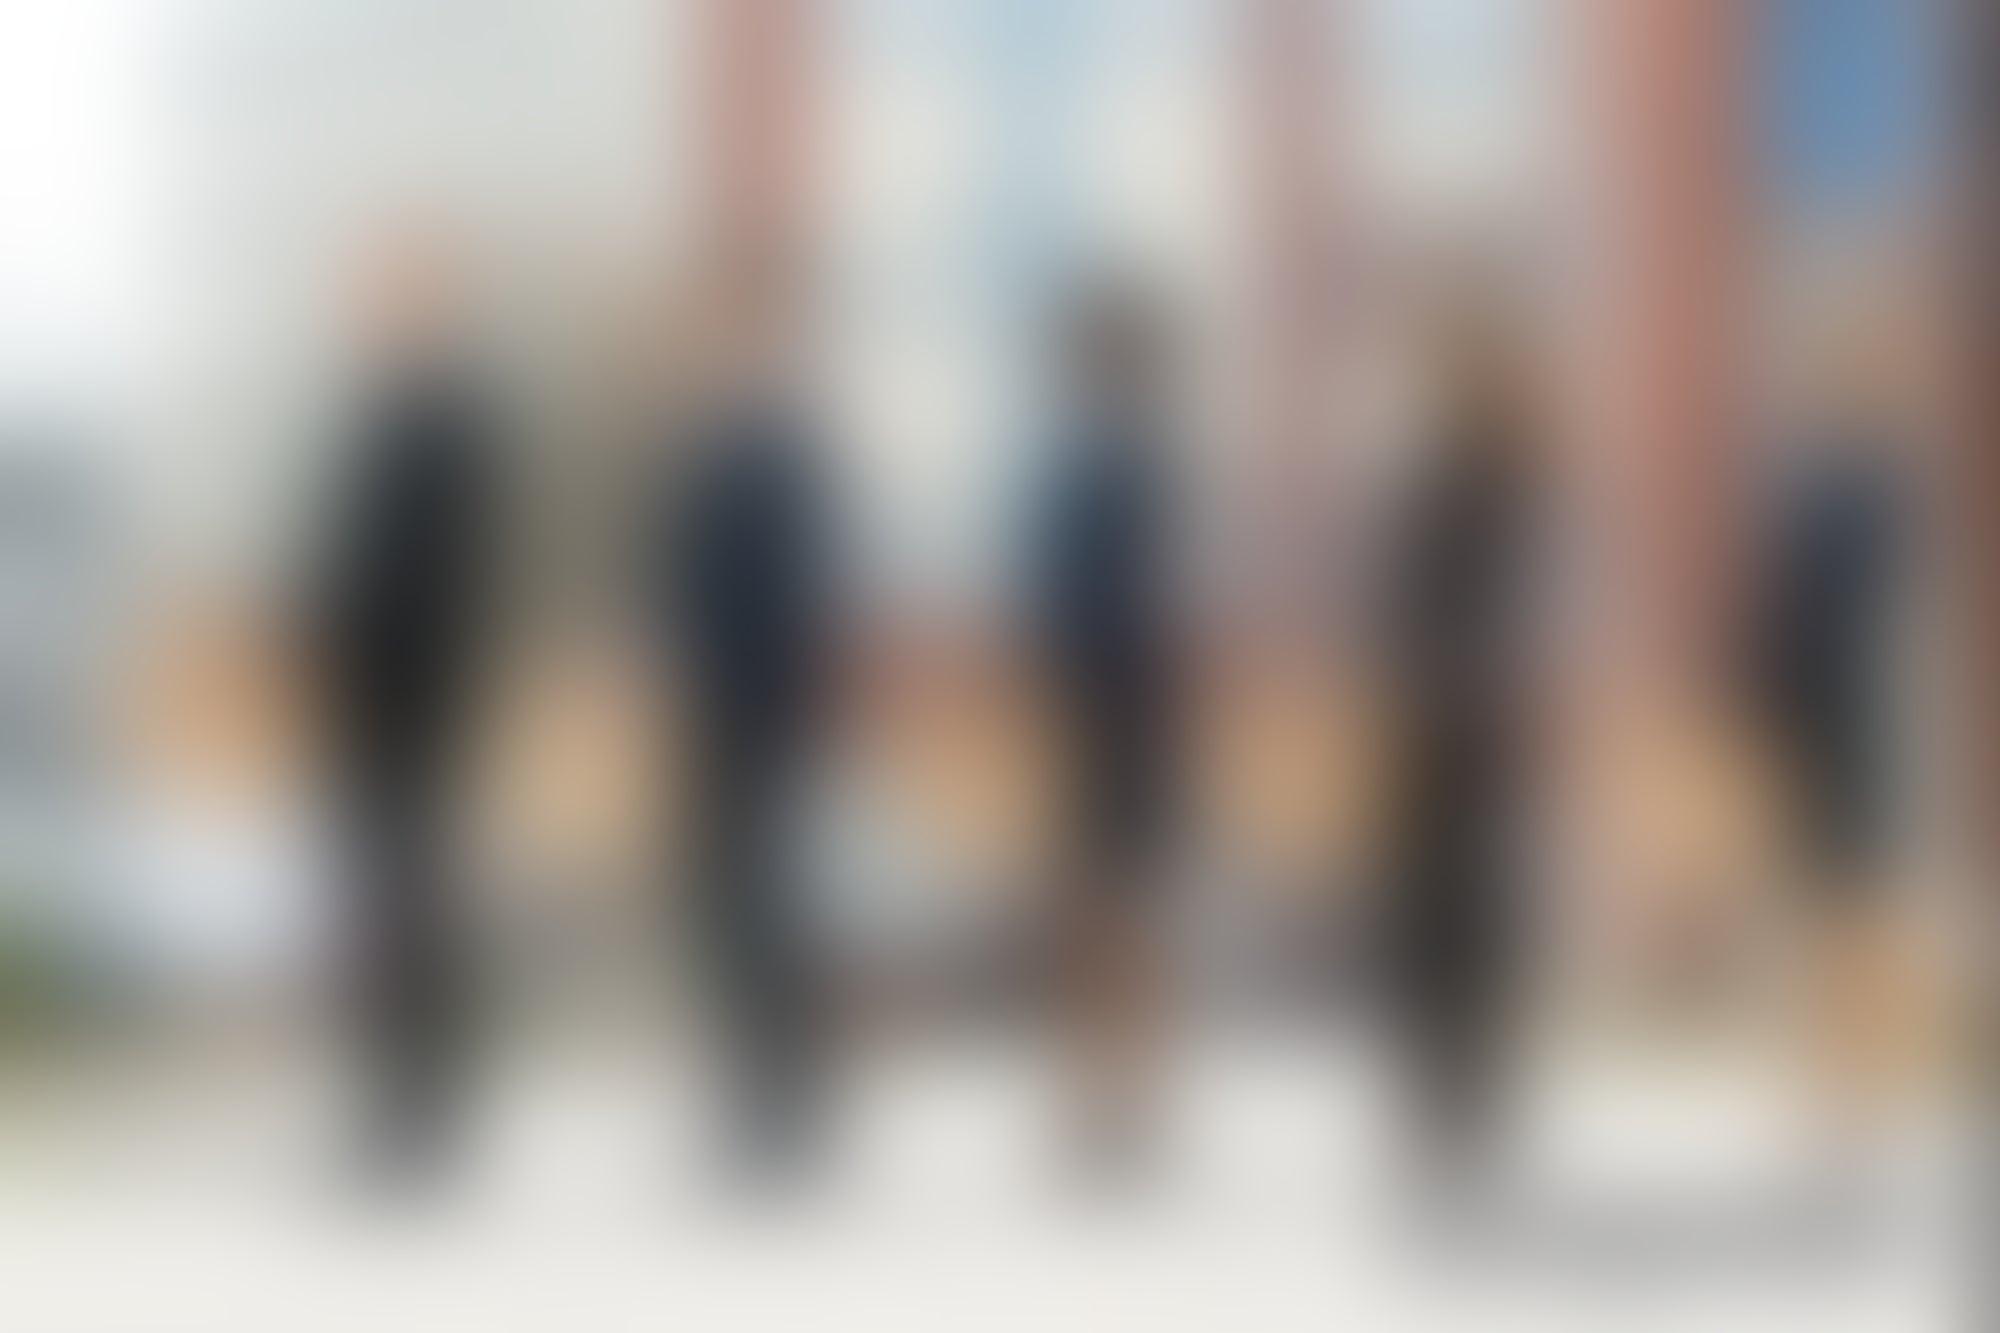 7 ცნობილი ადამიანი, რომლებიც სამსახურიდან დაითხოვეს, მაგრამ მაინც შეძლეს დიდი წარმატების მიღწევა